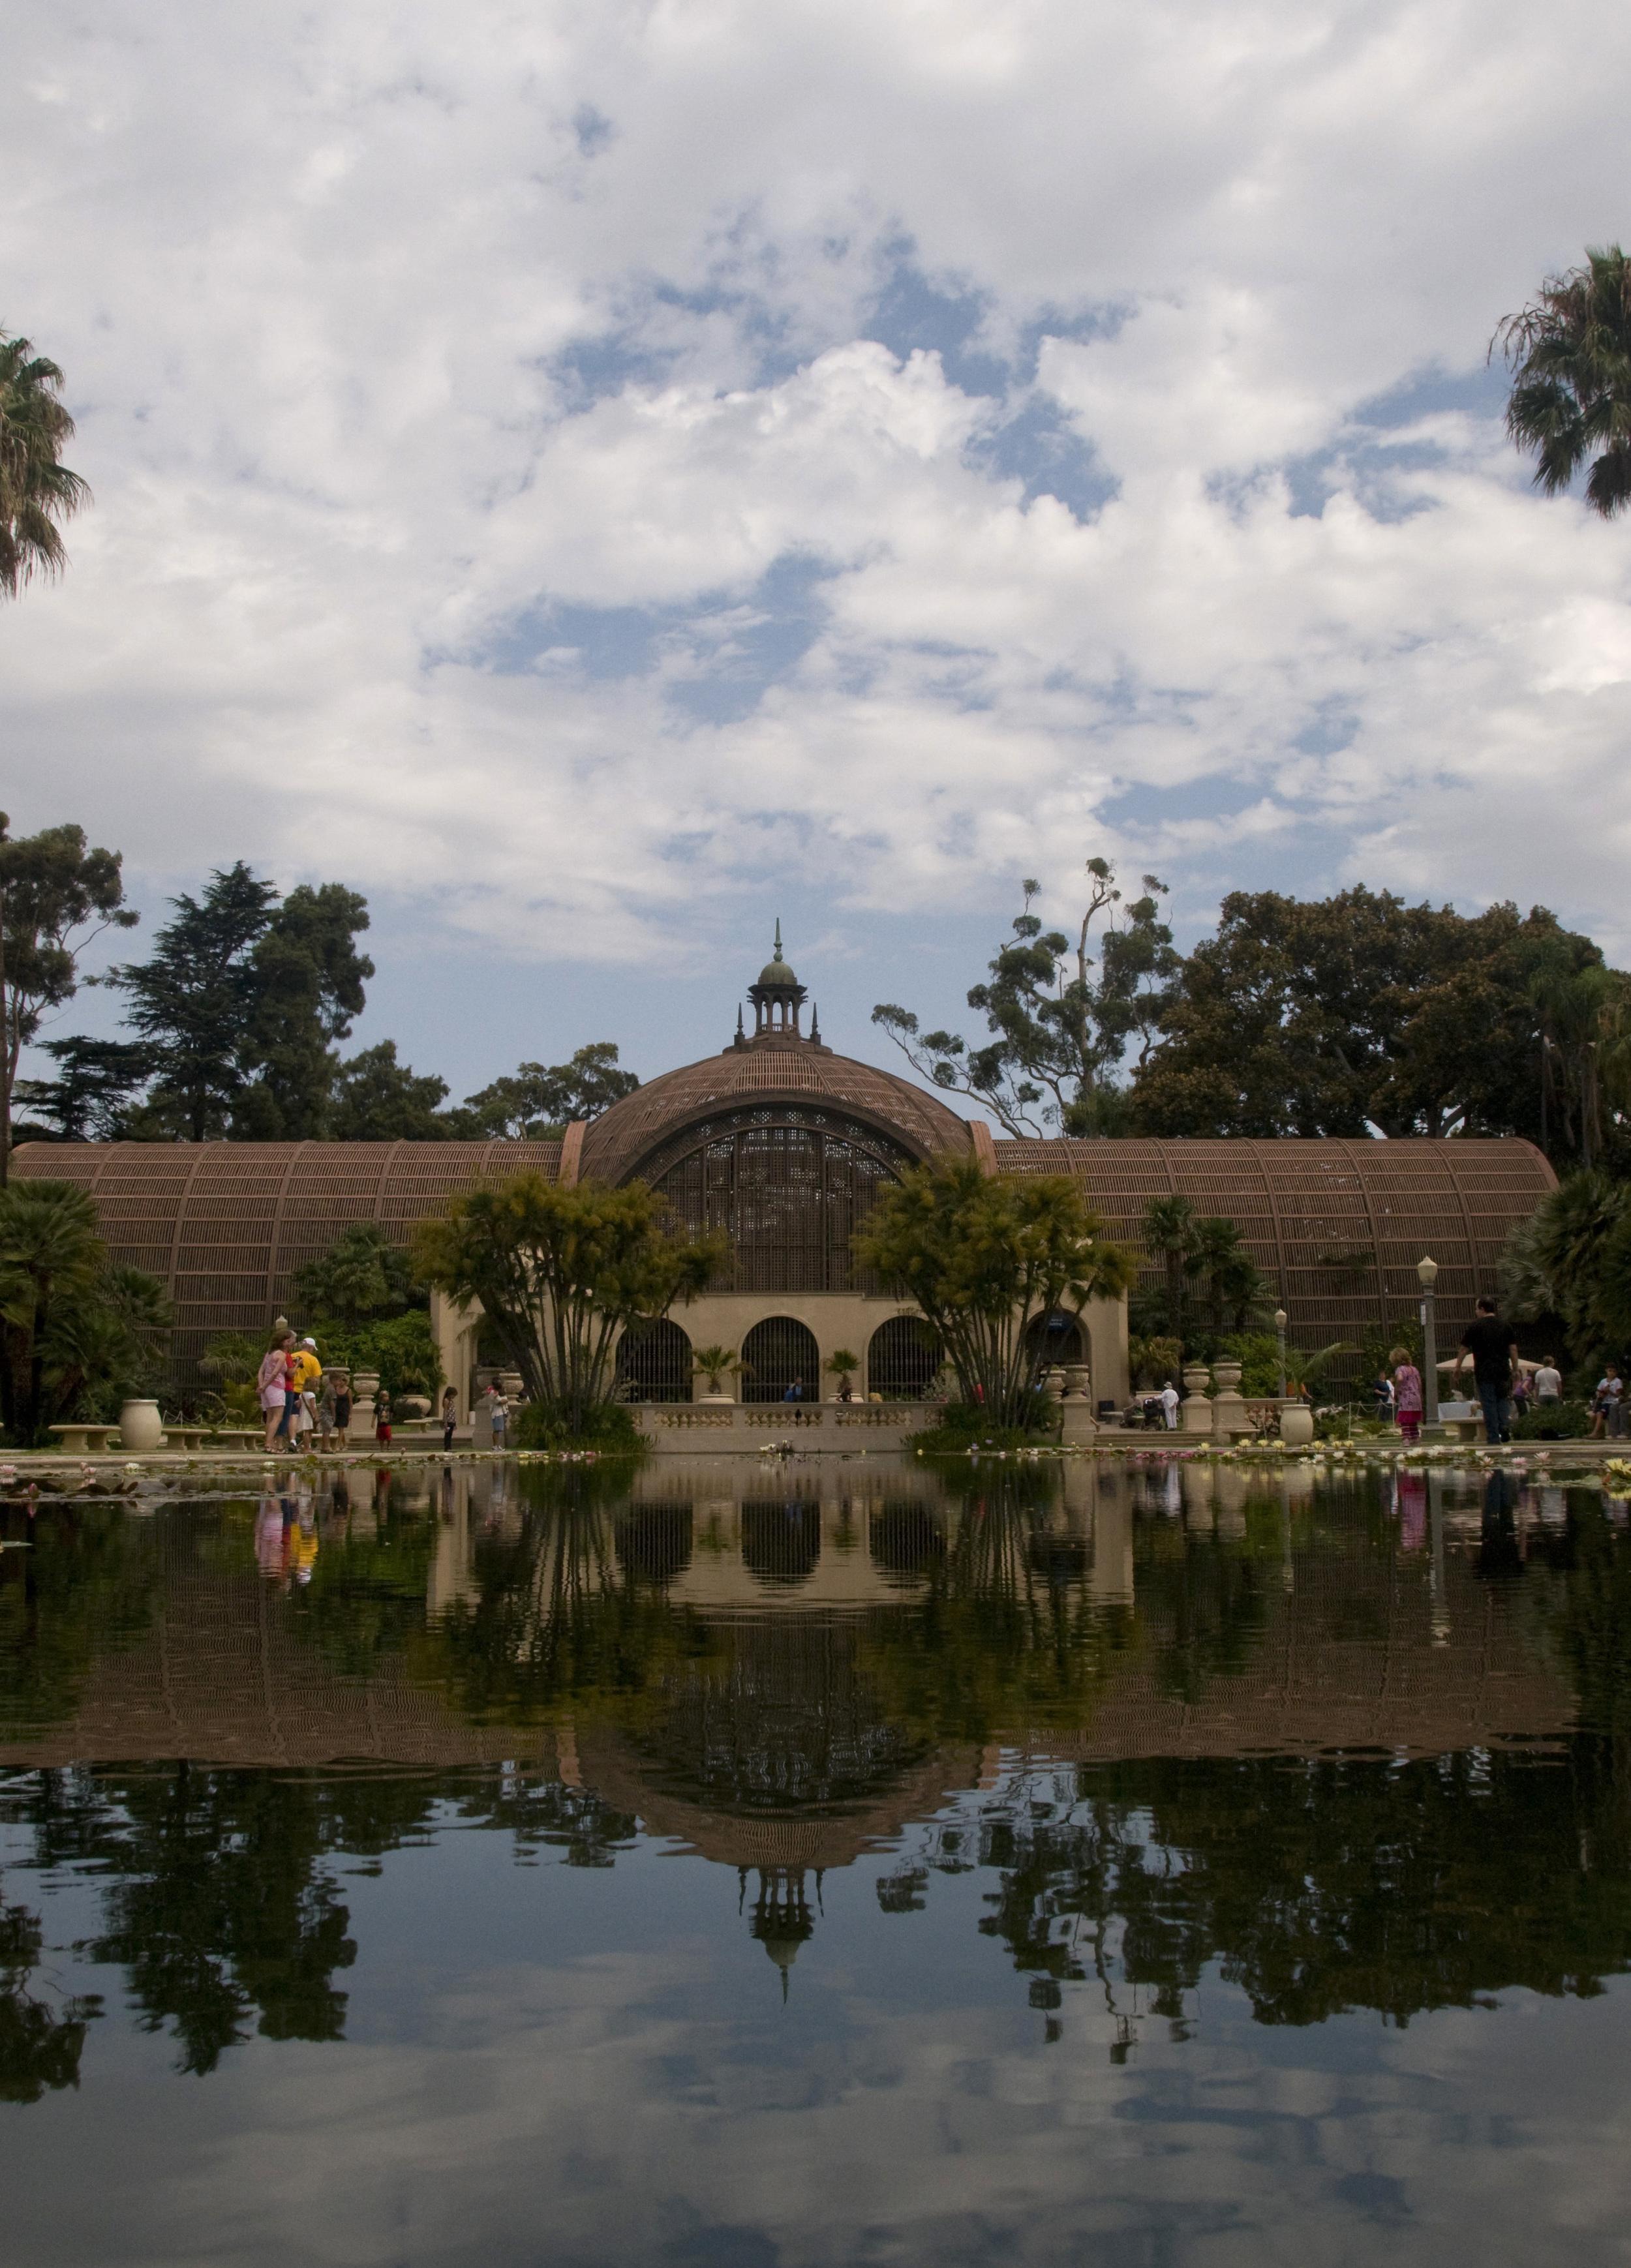 Balboa Park botanical house